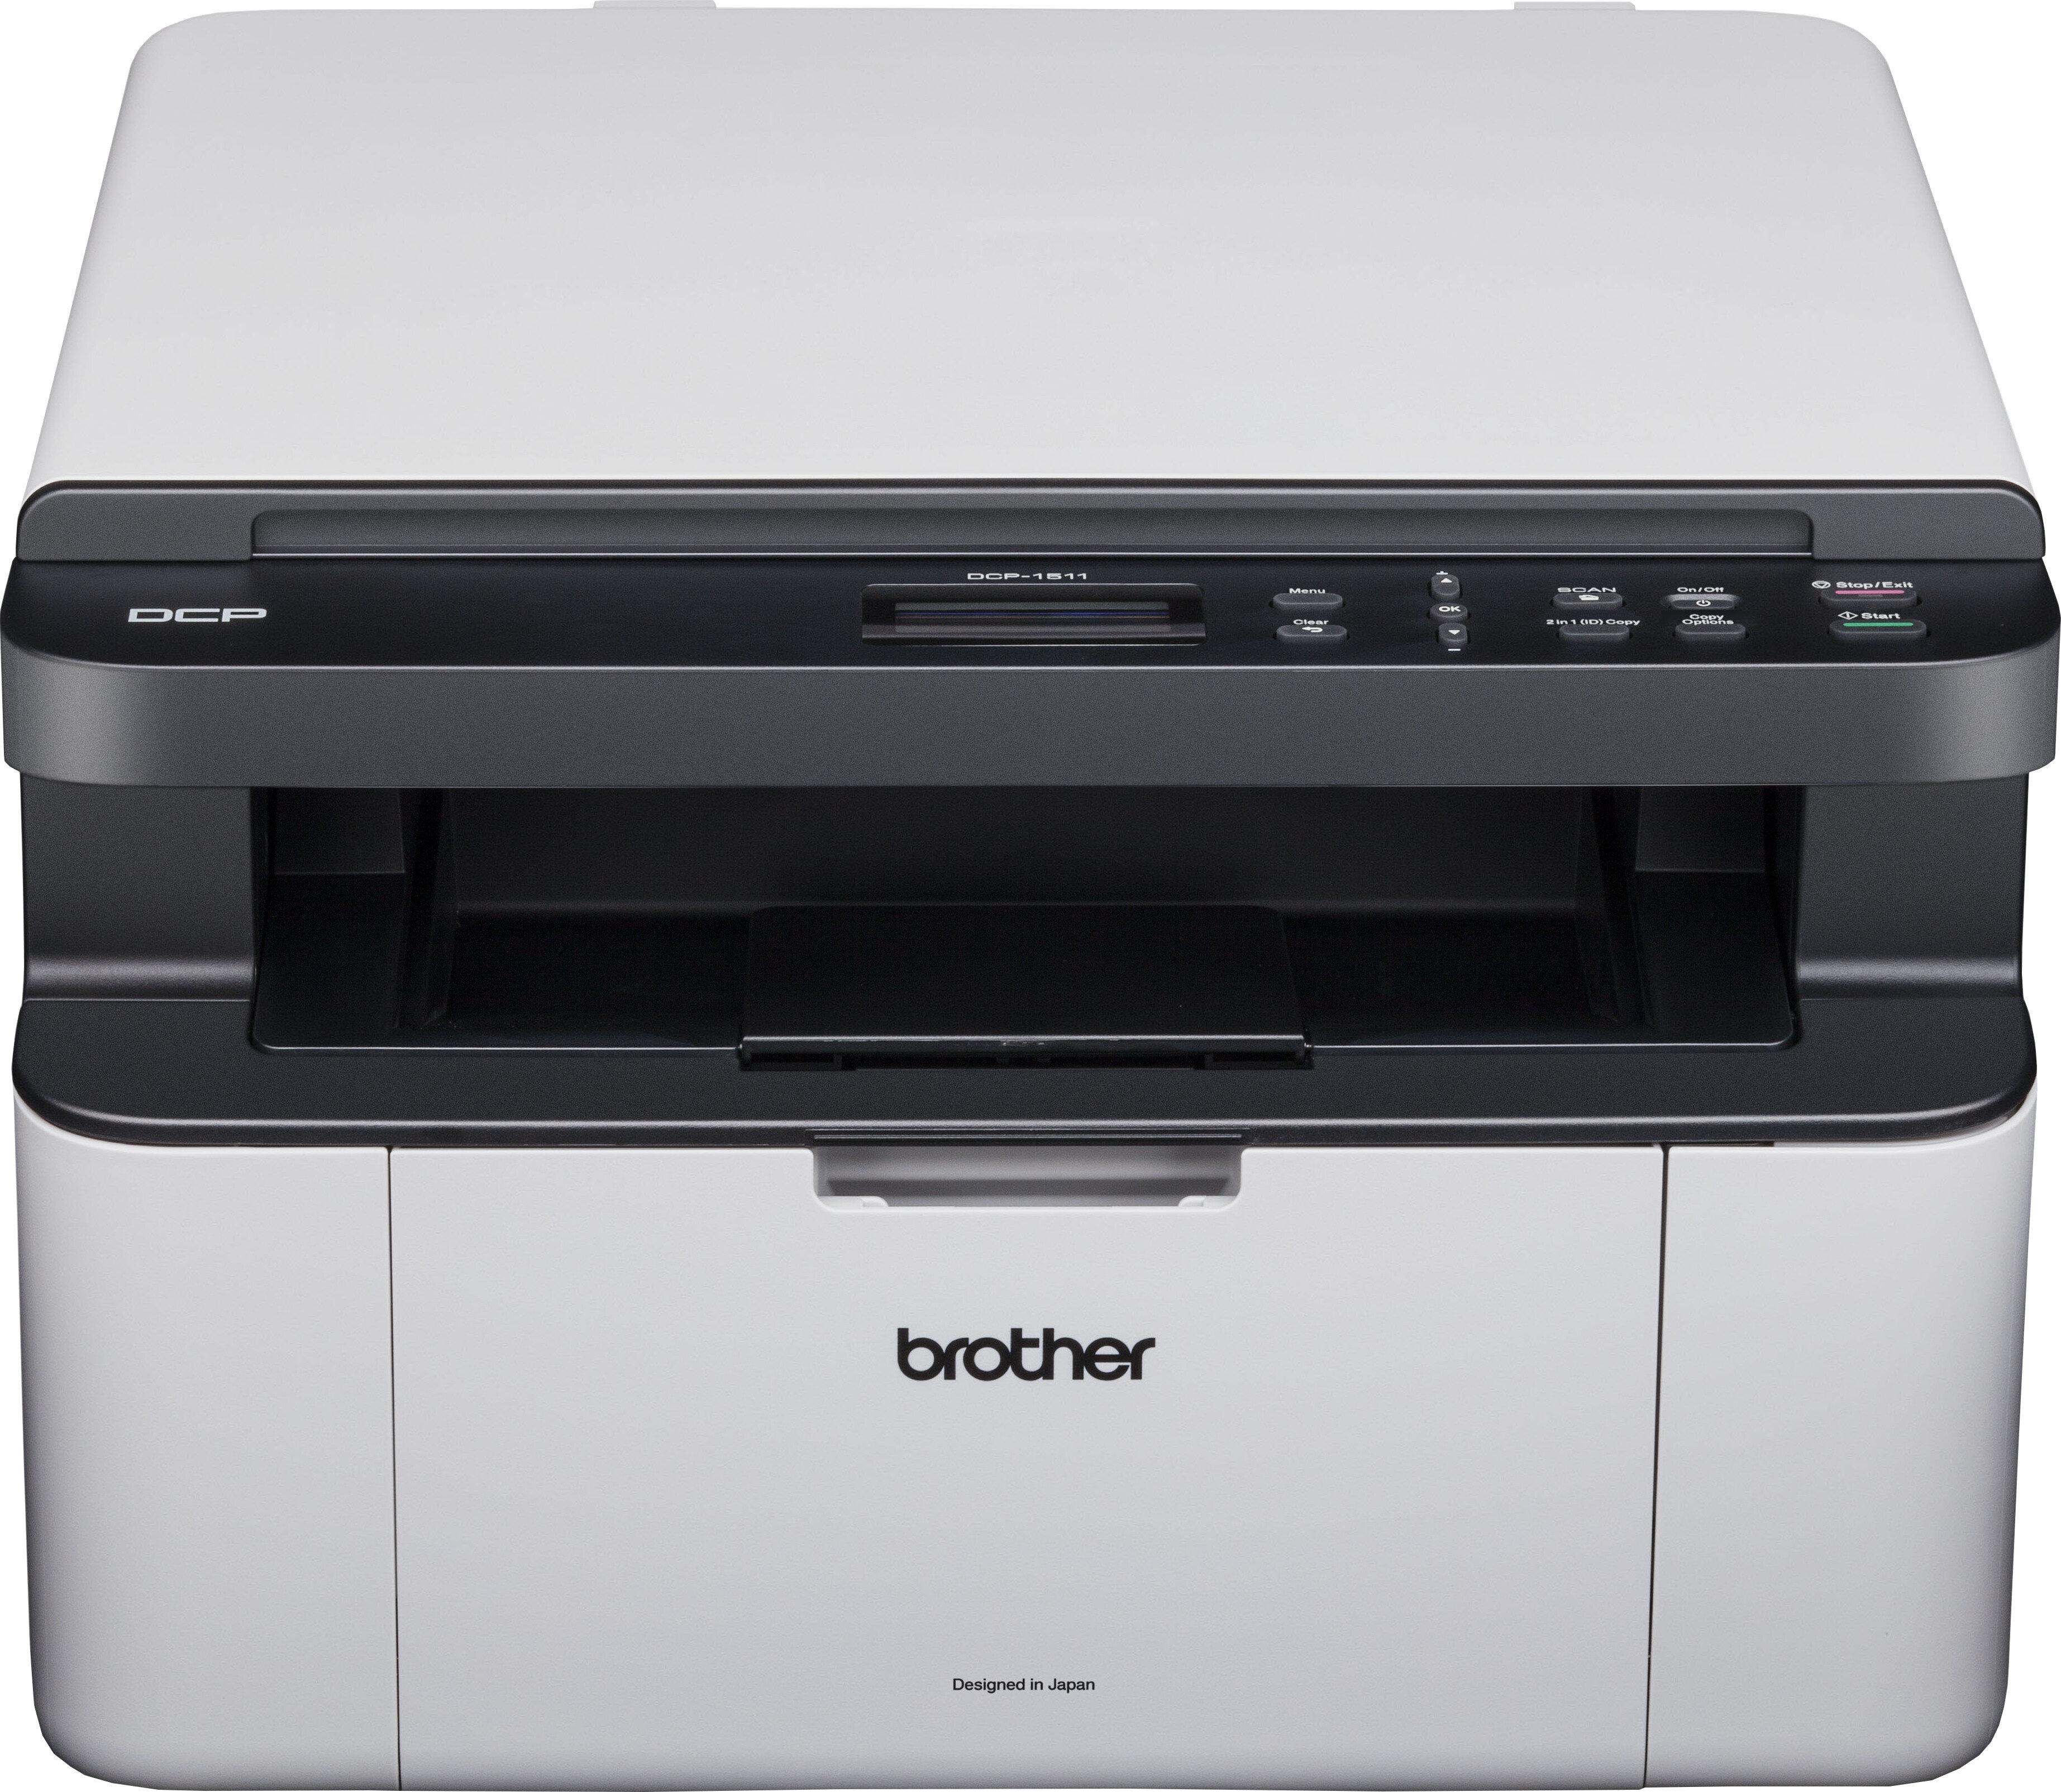 So sánh máy in laser đa chức năng giá rẻ Brother MFC – J415W và Brother DCP 1511